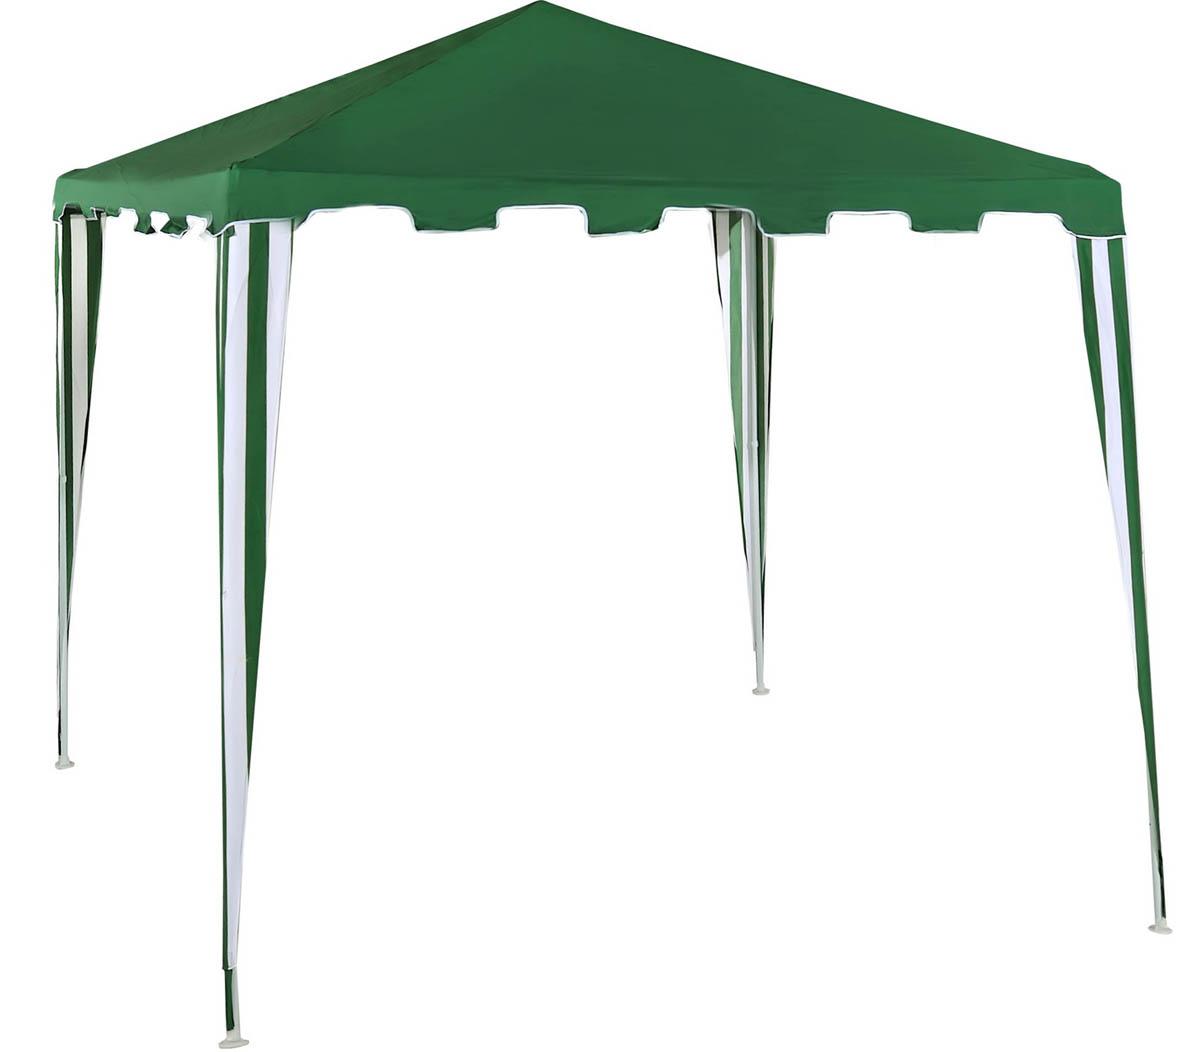 Садовый тент-шатер Green Glade 1018Садовые тенты и шатры<br>Дачный тент шатер 1018 защитит вас и от яркого летнего солнца. Тент шатер green glade 1018 изготавливаются из современных высококачественных материалов. Современный садовый тент шатер green glade быстро и легко устанавливаются, имеют великолепный внешний вид. Этот тент шатер можно брать с собой на отдых в лесу – в сложенном виде он не занимает много места и легко поместиться в любом автомобиле.<br><br>Кемпинговый тент шатер оптимален для проведения мероприятий на открытом воздухе. Если вы решили провести пикник на свежем воздухе, вы сможете без труда установить...<br><br>Тип: Садовый тент-шатер<br>Покрытие: полиэстер 140 г<br>Каркас: металлическая трубка (19х19х25 мм)<br>Размеры упаковки: 115х13х17 см